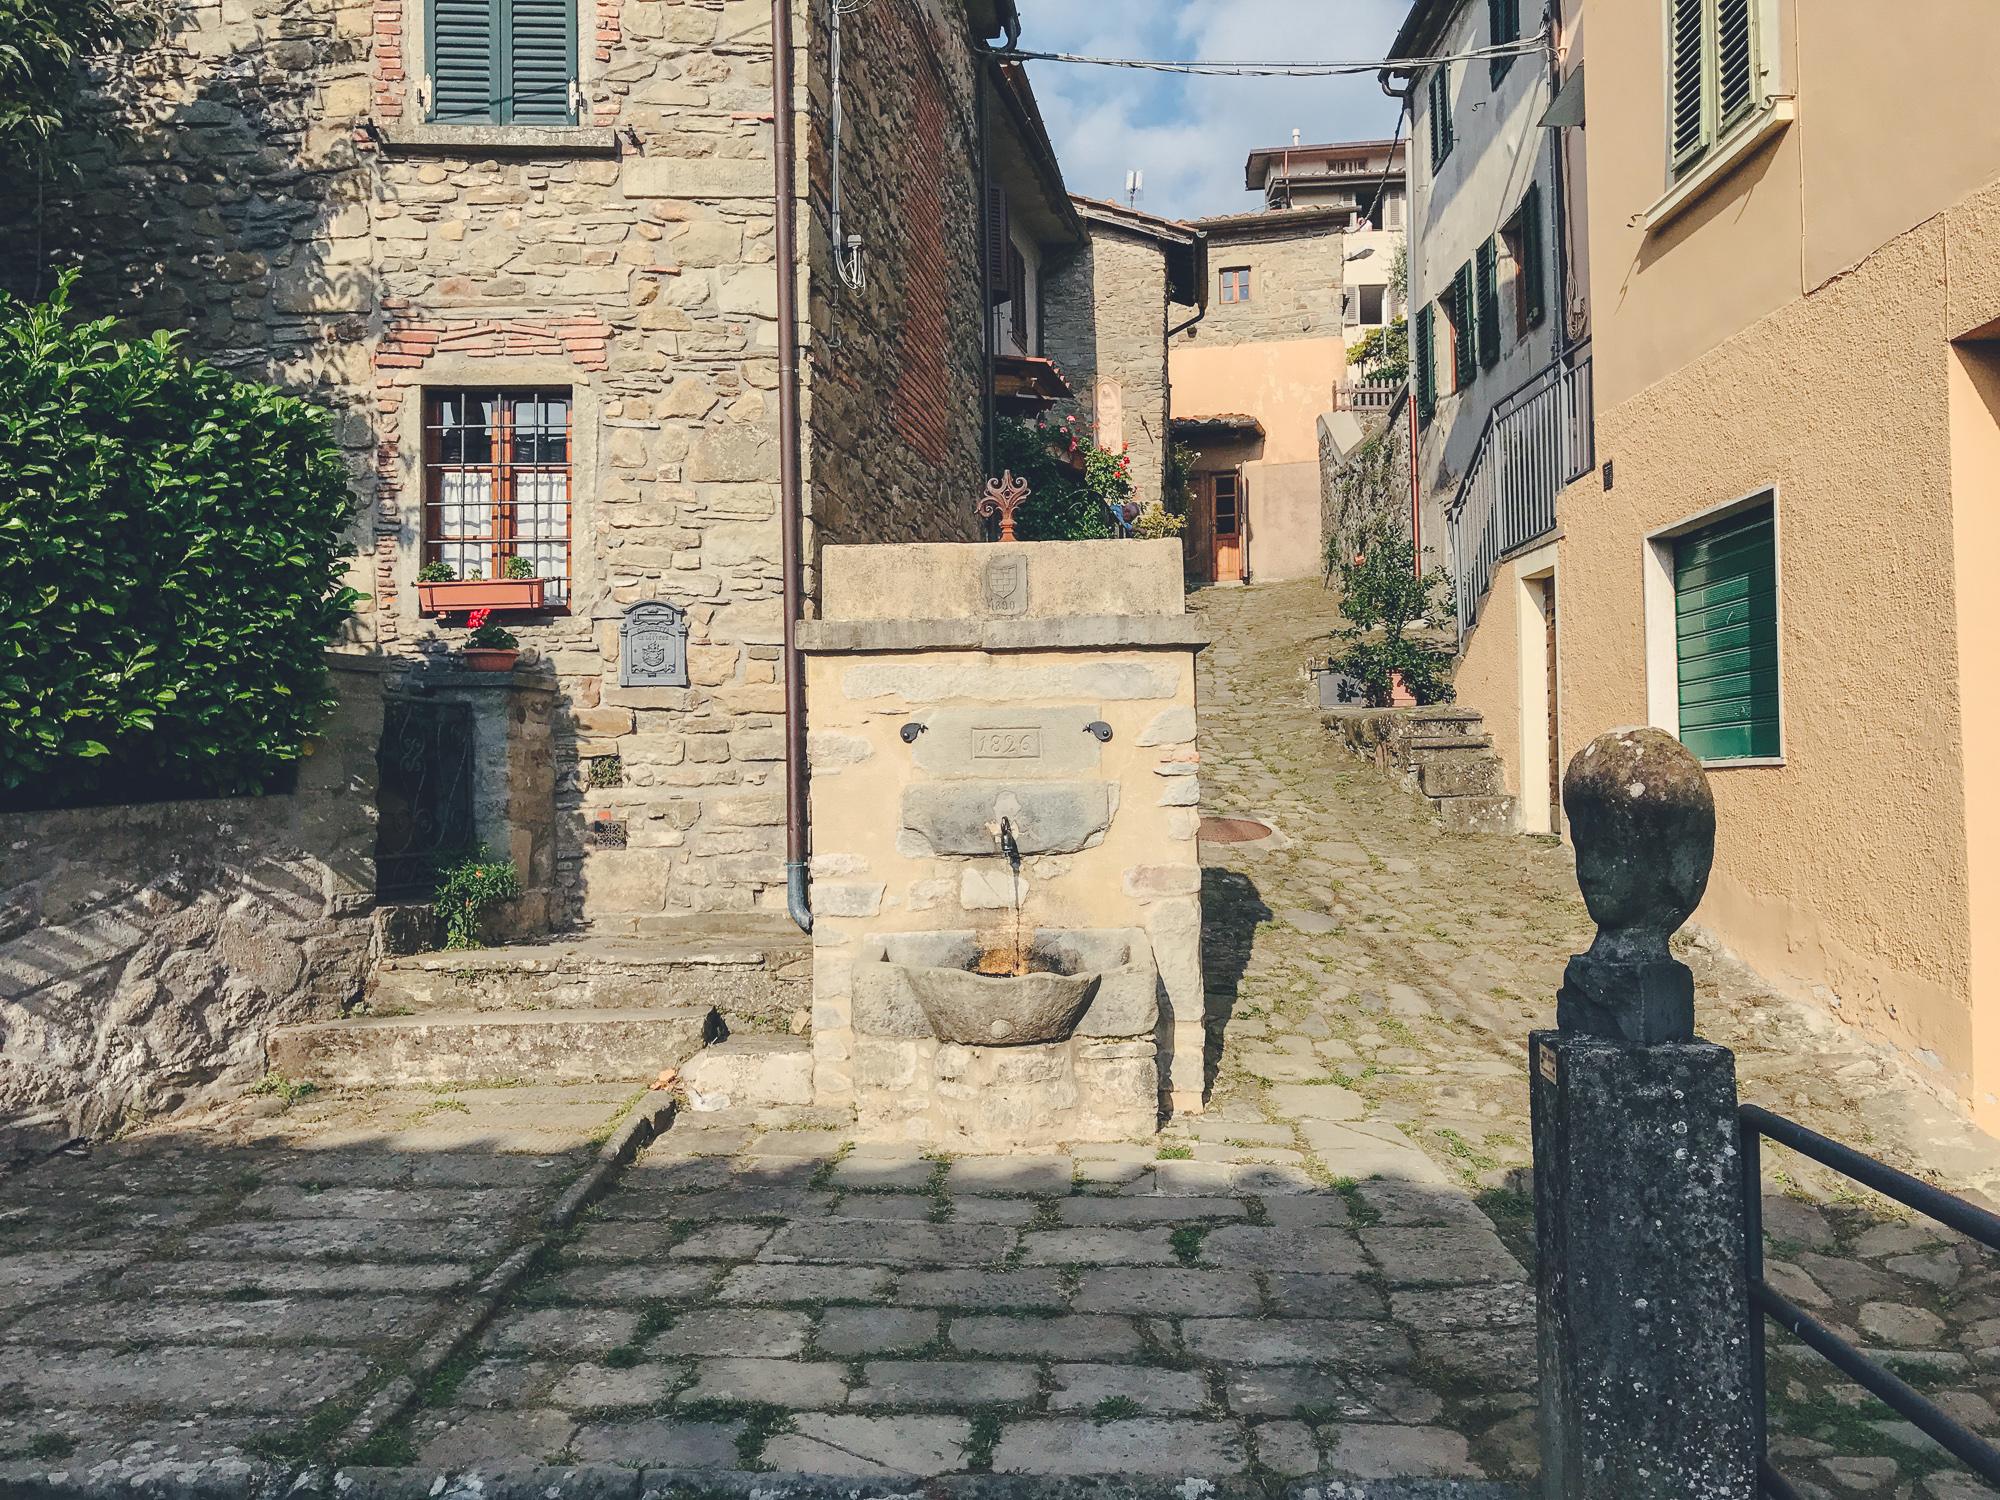 La fontana del 1826 nella piazzetta di Castagno